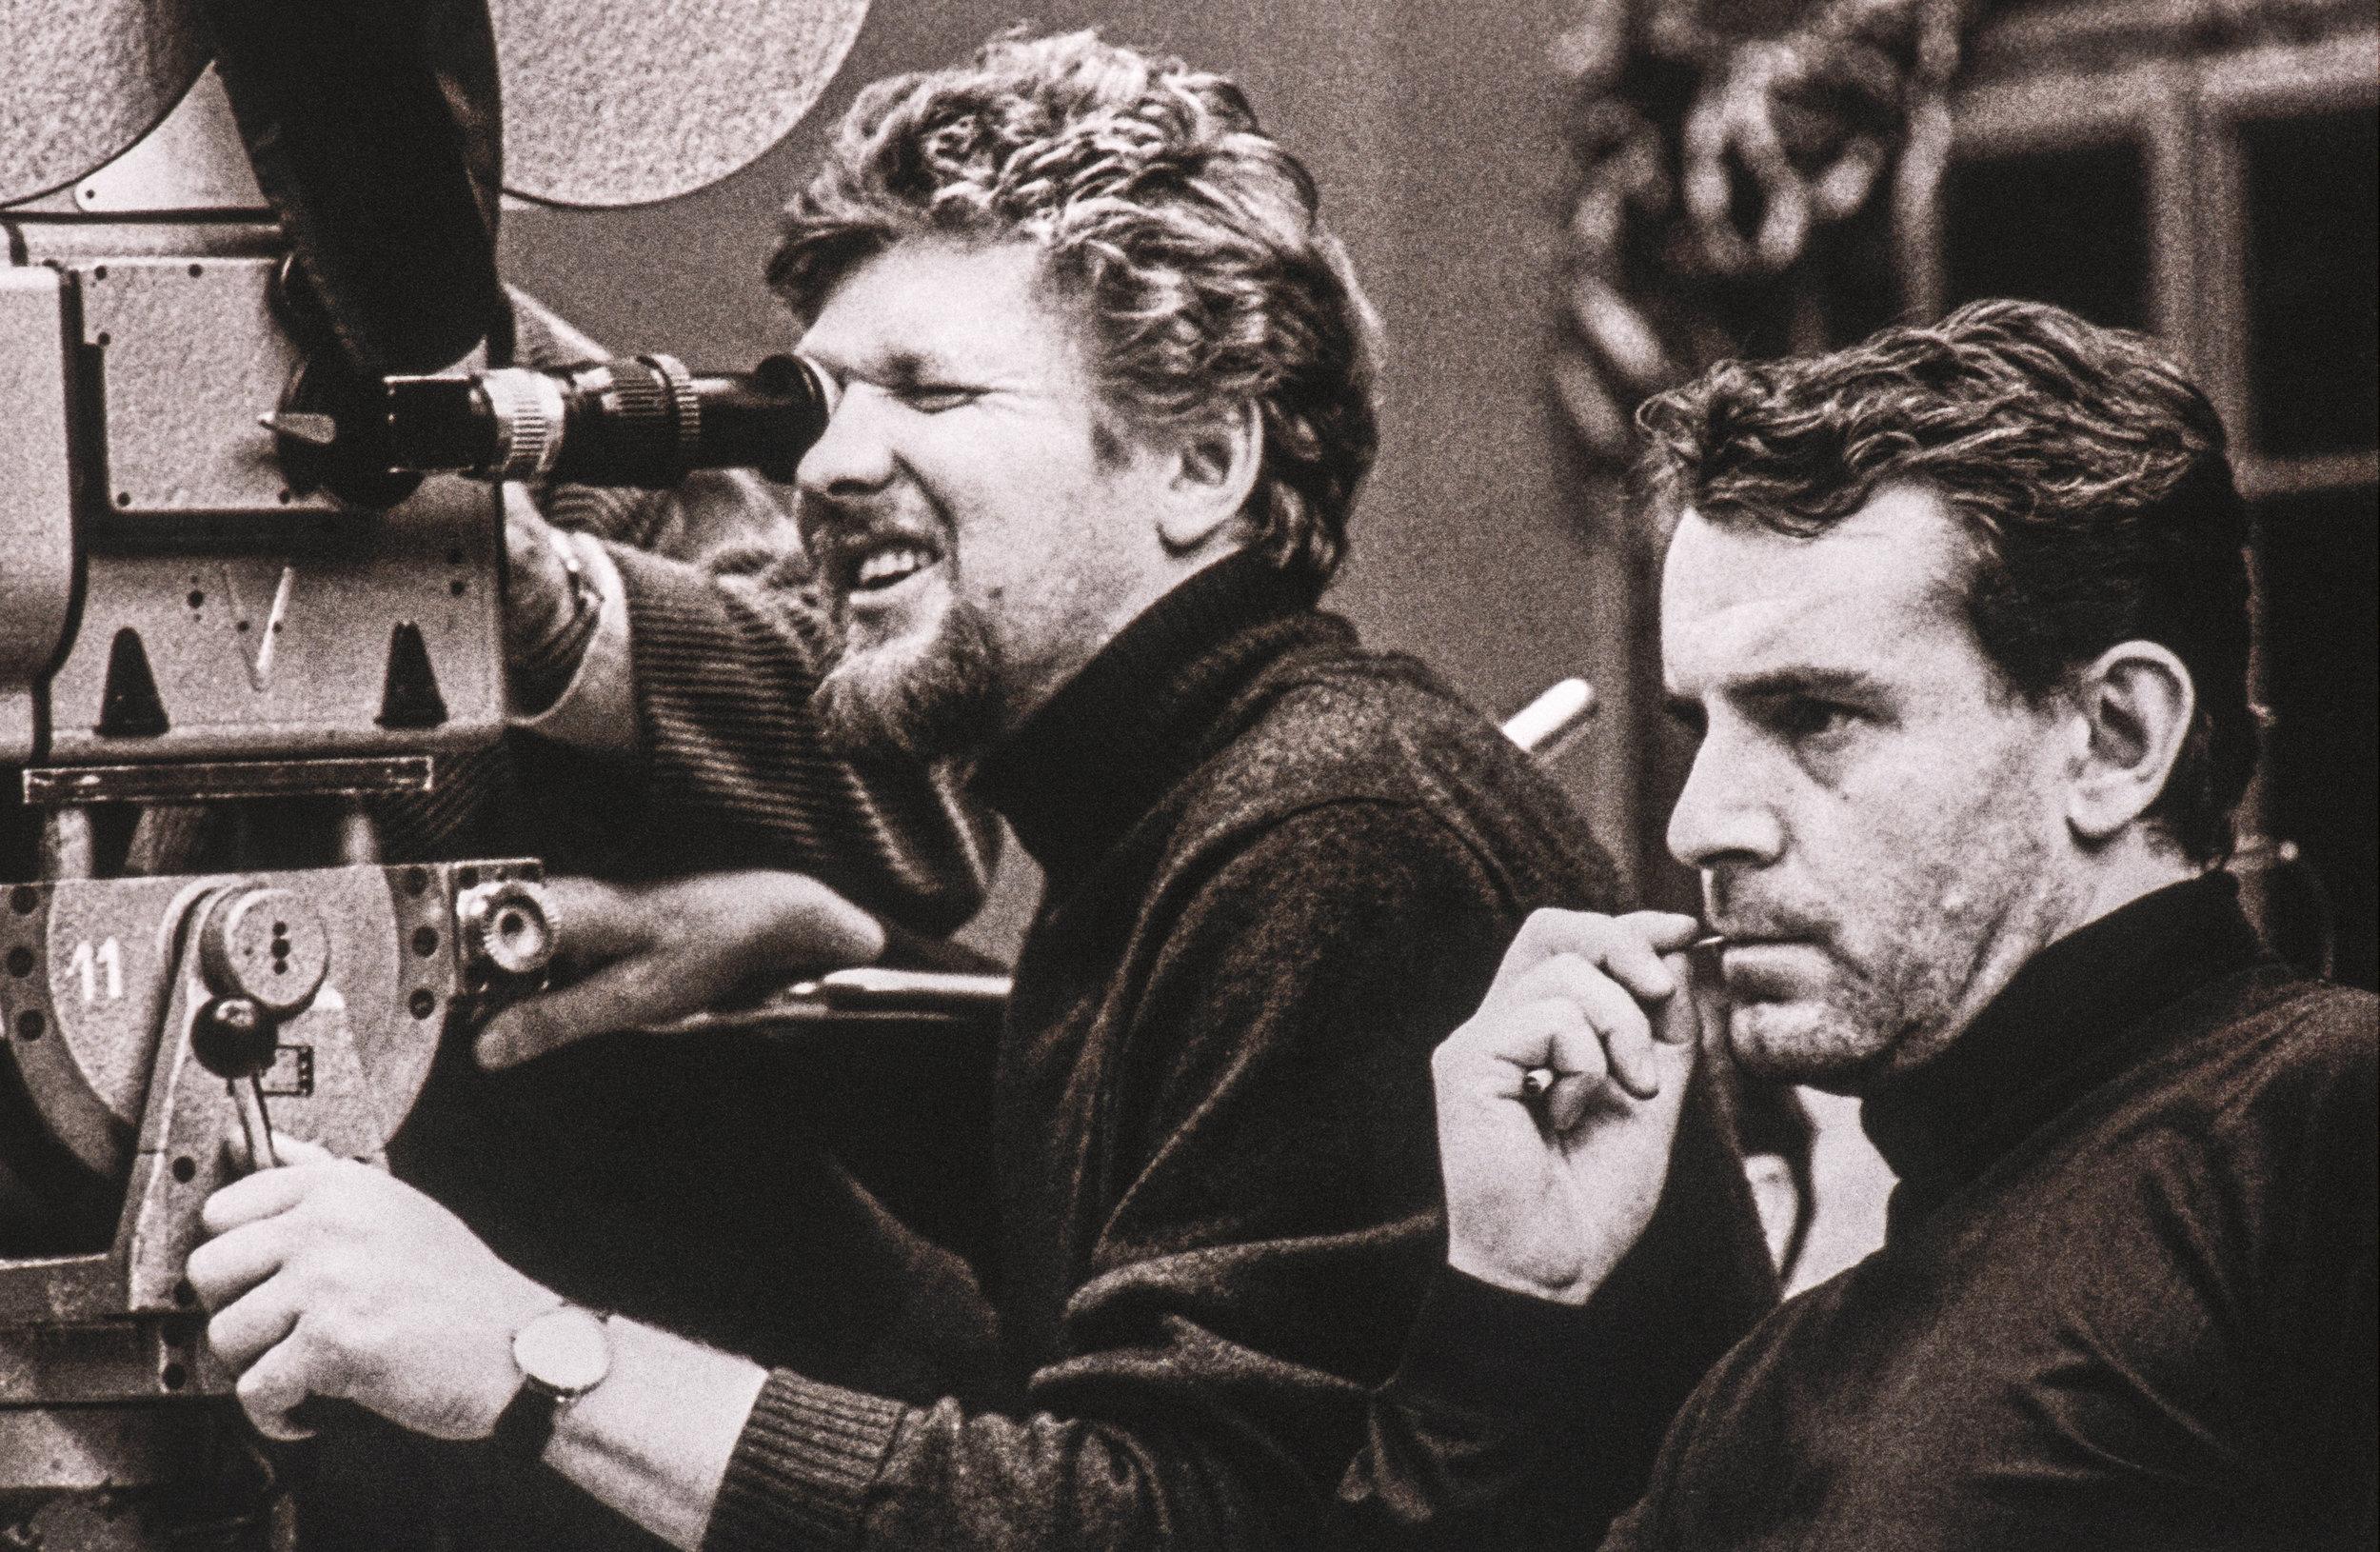 Miloš Forman (right) and Miroslav Ondříček in a still from Helena Třeštíková and Jakub Hejna's Forman vs. Forman